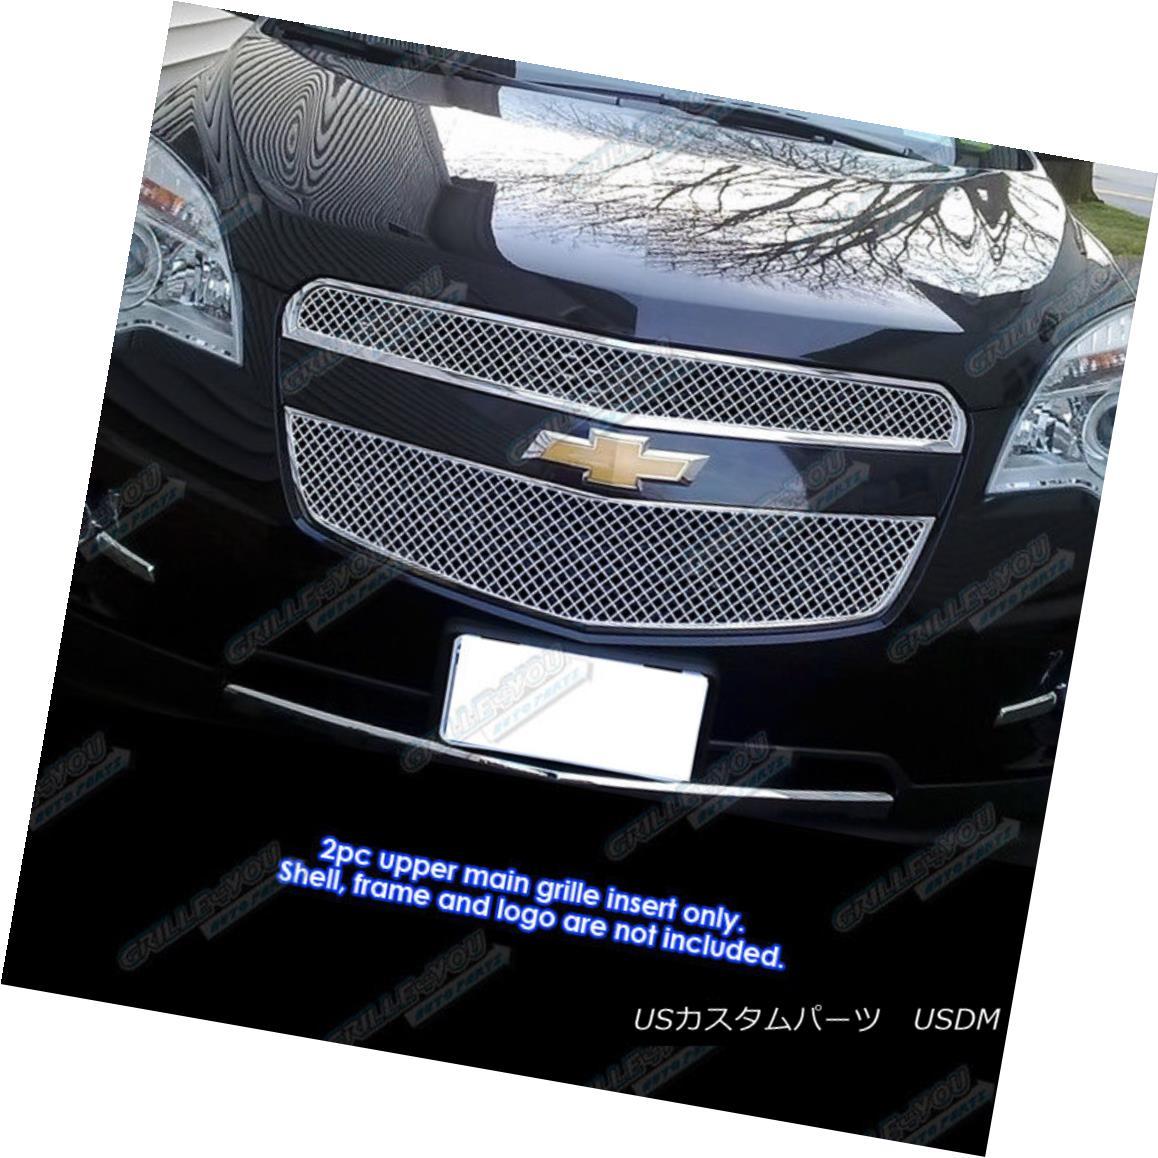 グリル For 2010-2015 Chevy Equinox Stainless Steel X Mesh Grille Grill Insert 2010-2015シボレーイクイノックスステンレススチールXメッシュグリルグリルインサート